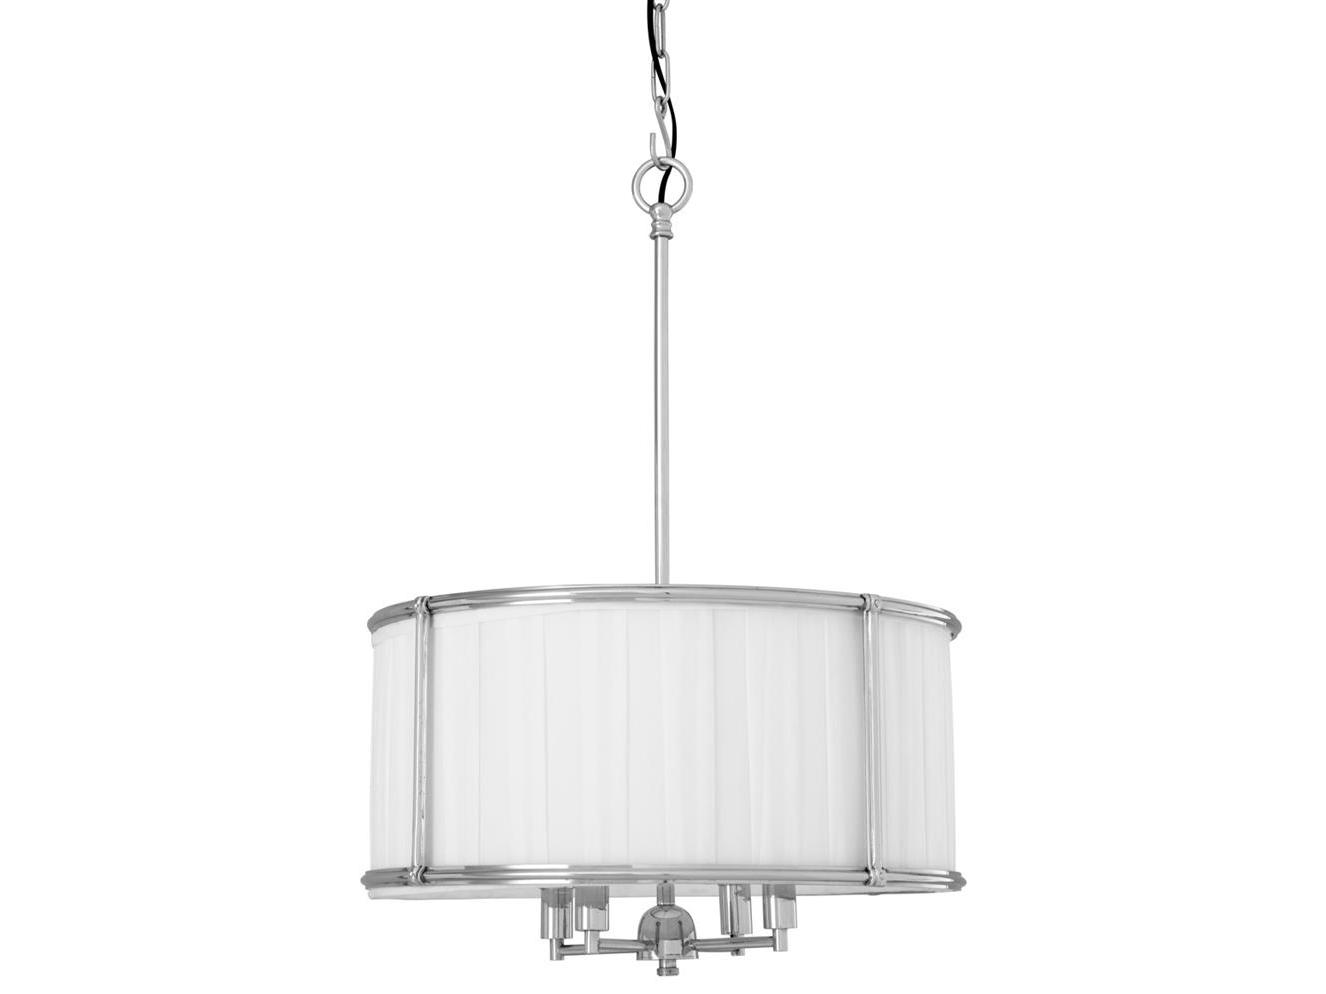 Подвесной светильник HammondПодвесные светильники<br>Подвесной светильник из коллекции Hammond на никелированной арматуре. Абажур из плиссированной ткани белого цвета. Высота светильника регулируется за счет звеньев цепи.&amp;lt;div&amp;gt;&amp;lt;br&amp;gt;&amp;lt;/div&amp;gt;&amp;lt;div&amp;gt;&amp;lt;div&amp;gt;Вид цоколя: E14&amp;lt;/div&amp;gt;&amp;lt;div&amp;gt;Мощность лампы: 40W&amp;lt;/div&amp;gt;&amp;lt;div&amp;gt;Количество ламп: 4&amp;lt;/div&amp;gt;&amp;lt;/div&amp;gt;<br><br>Material: Текстиль<br>Ширина см: 52.0<br>Высота см: 73<br>Глубина см: 52.0